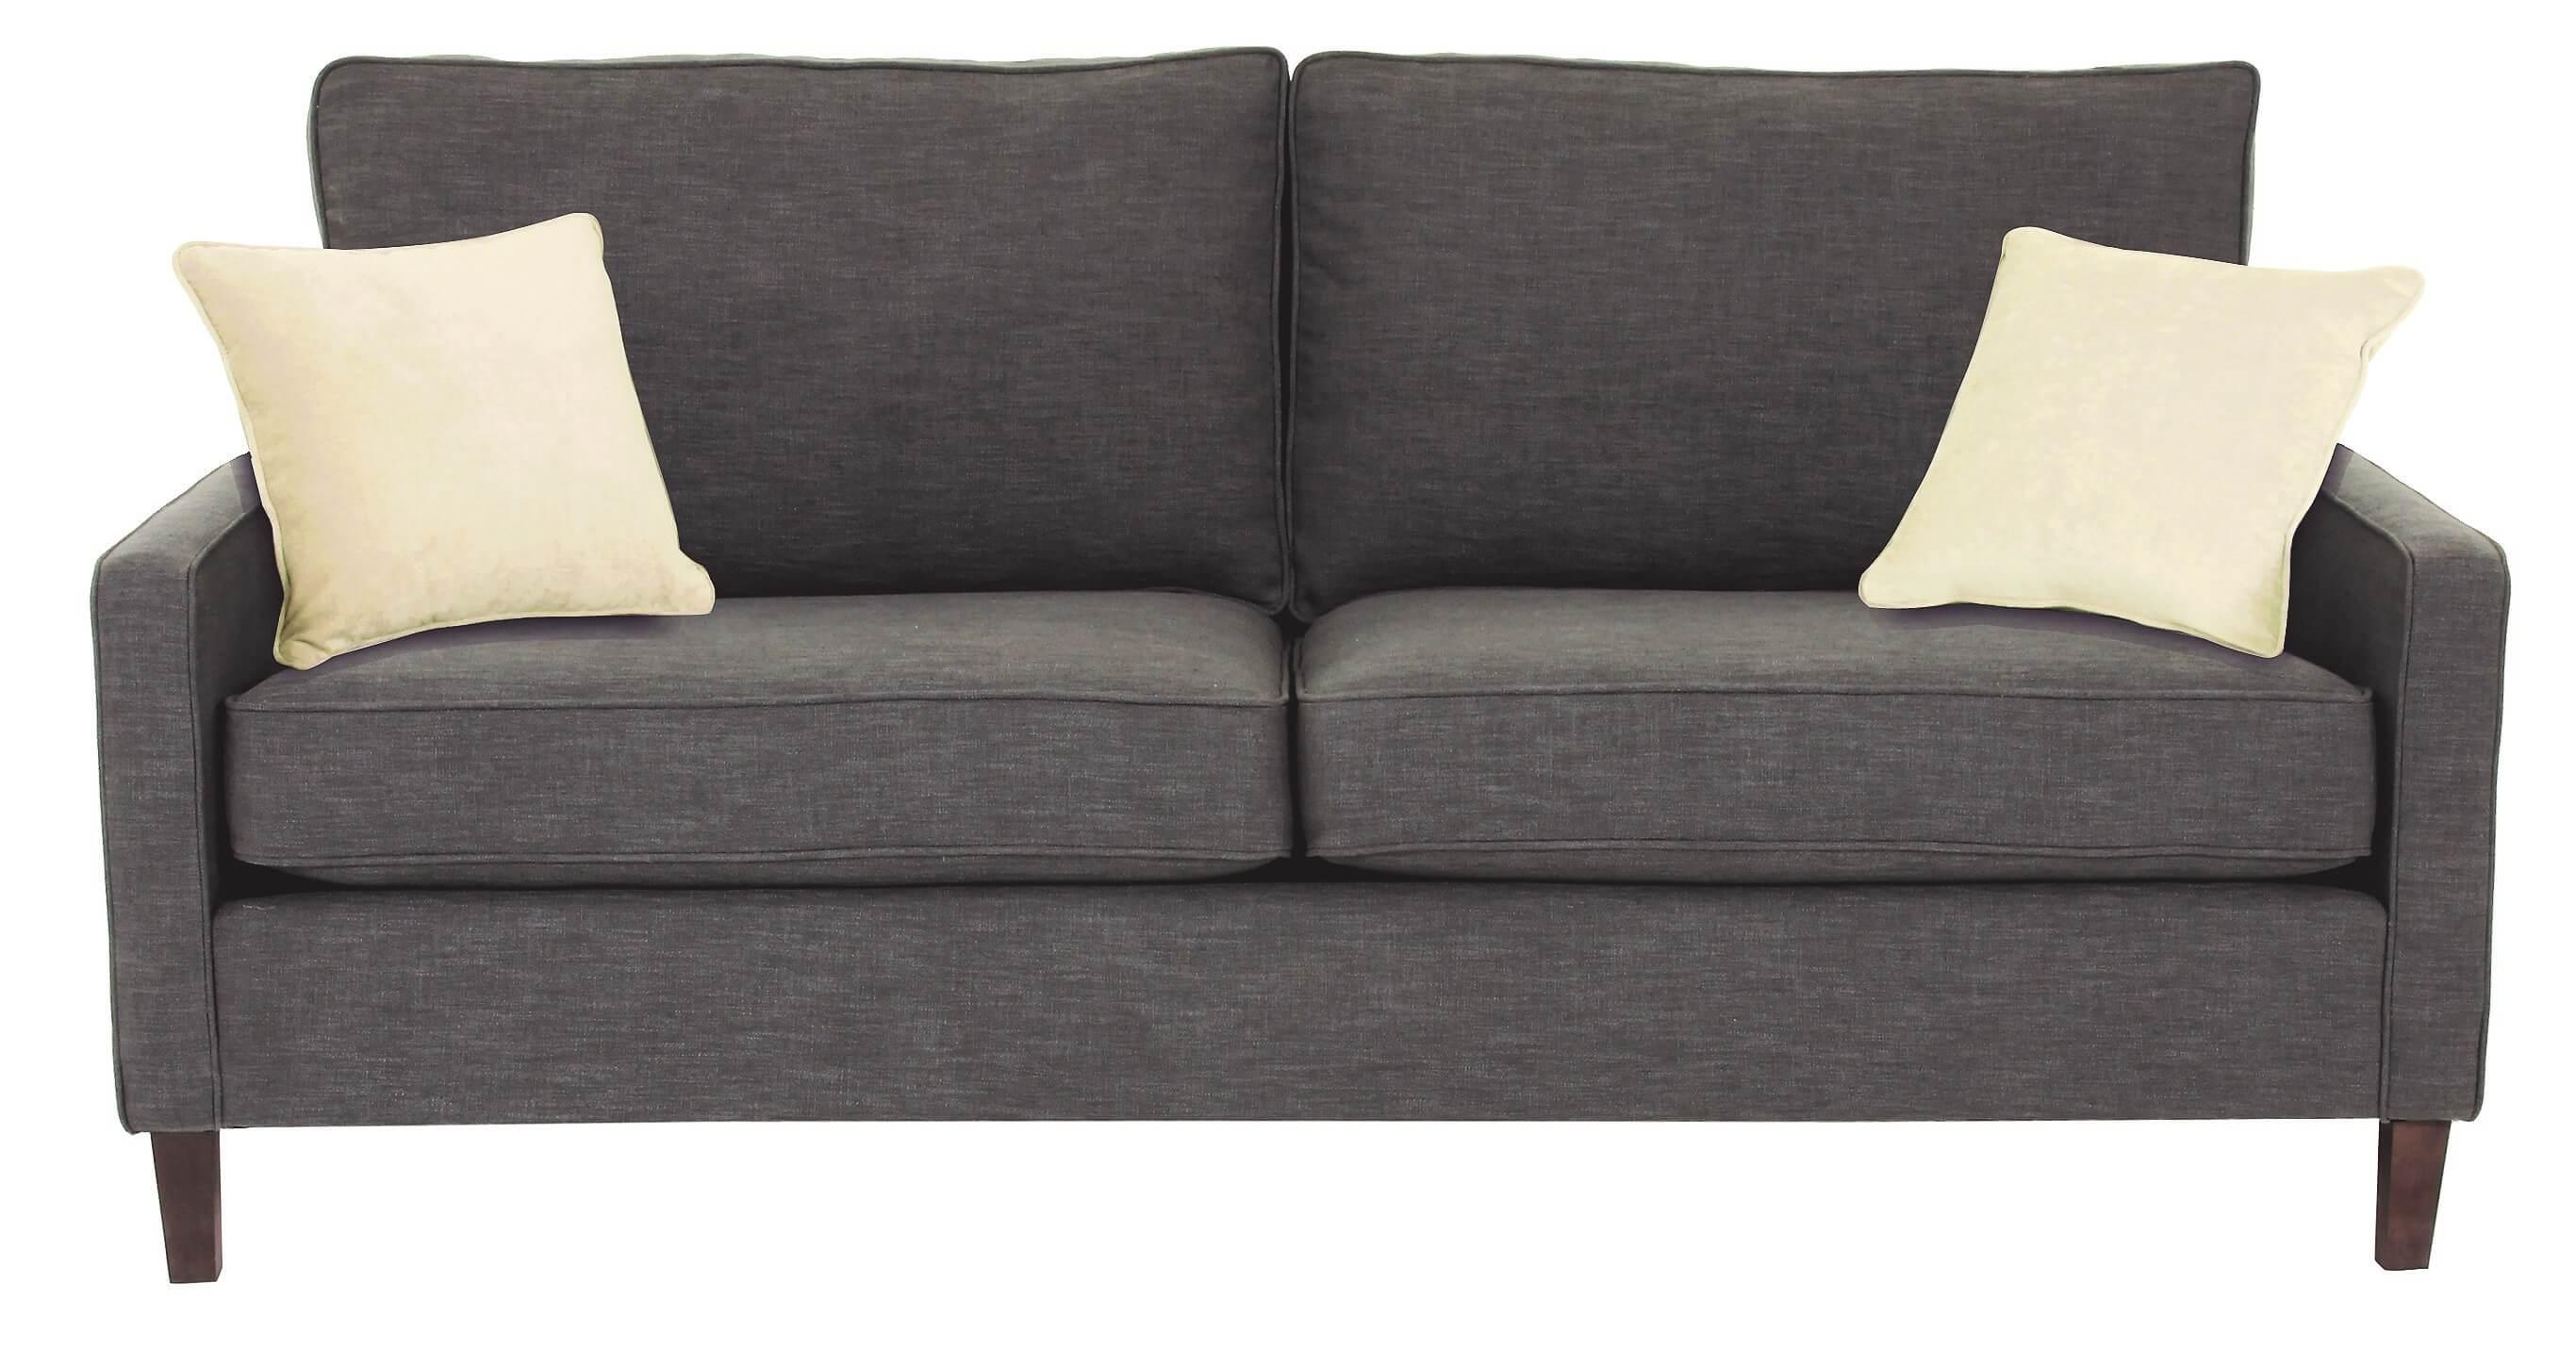 Trenton 63-70 sofa